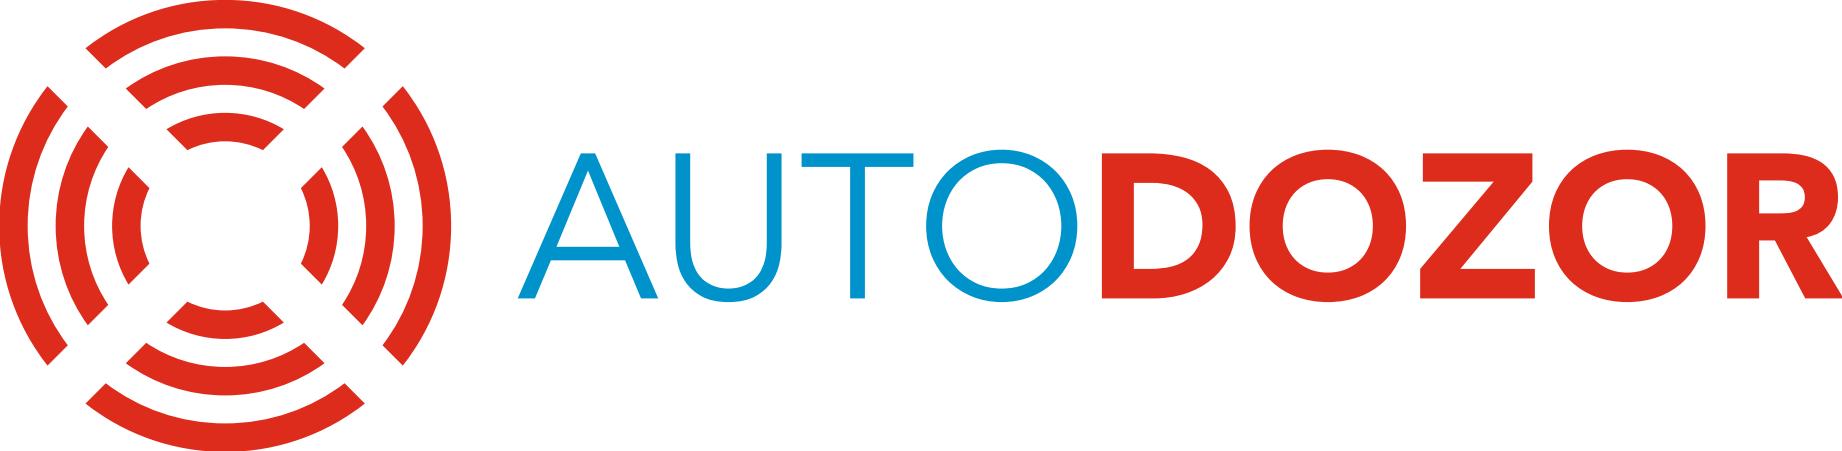 AUTODOZOR